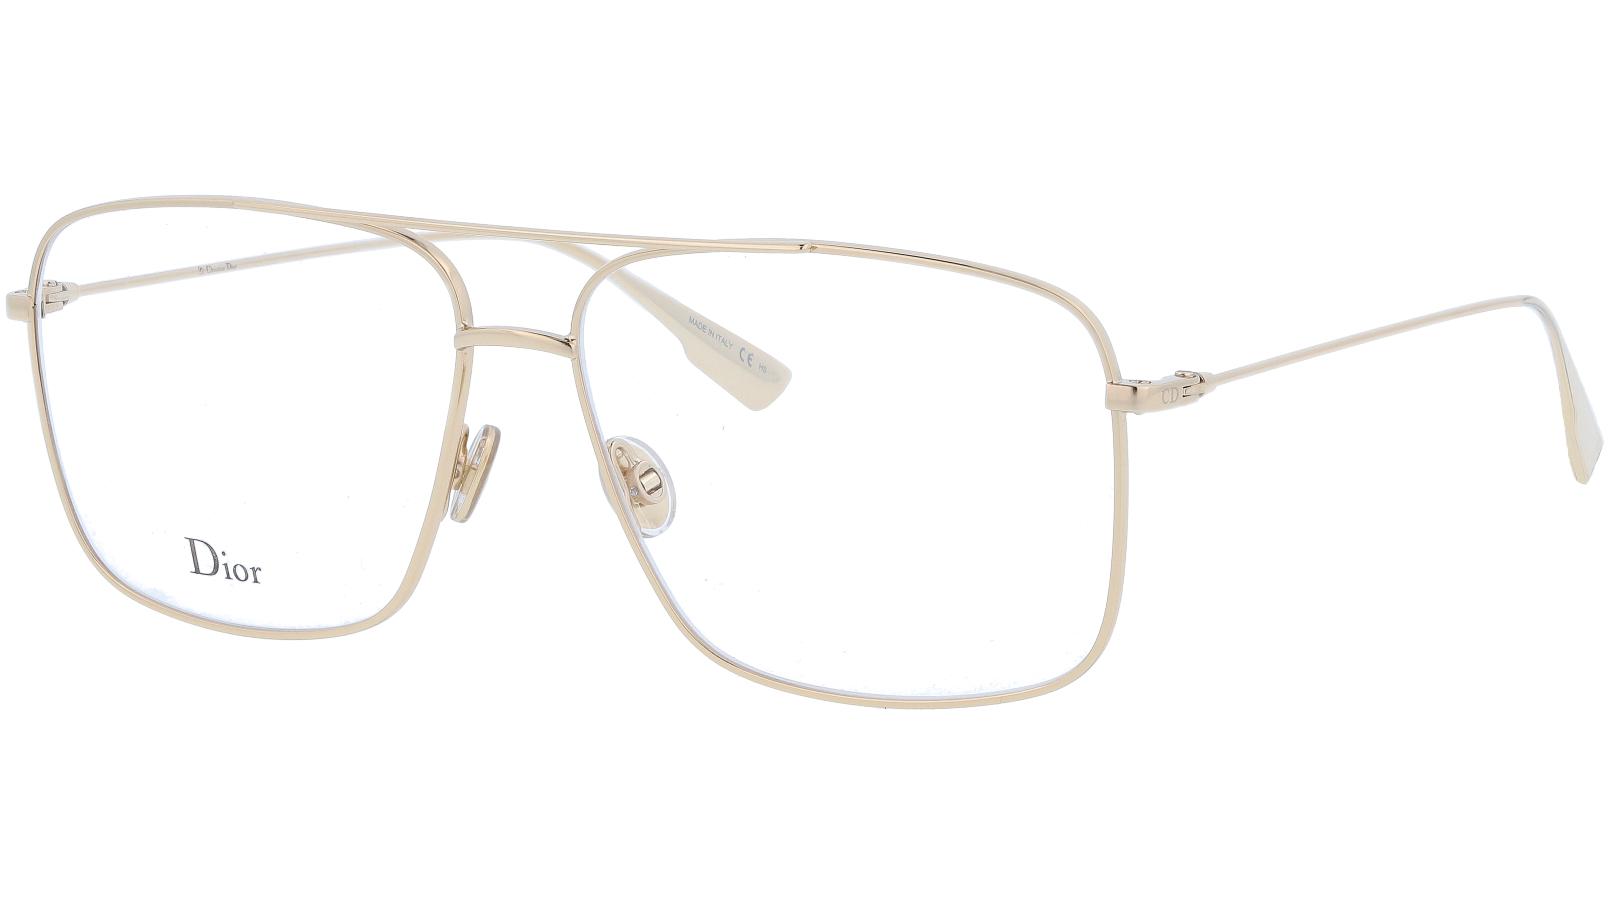 Dior StellaireO3 J5G 57 Gold Glasses